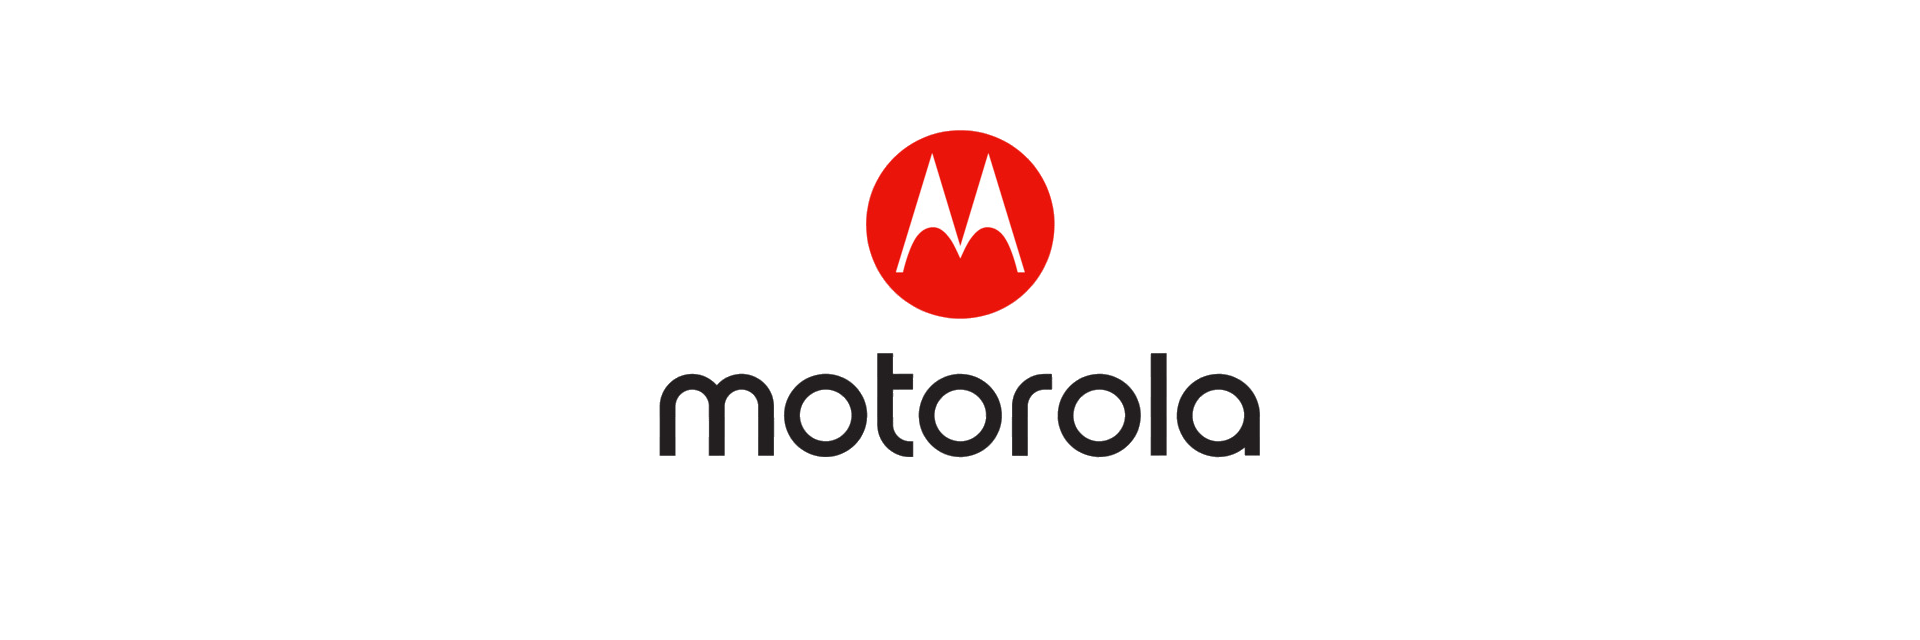 S.B.E. Polska Autoryzowanym Serwisem Motorola!